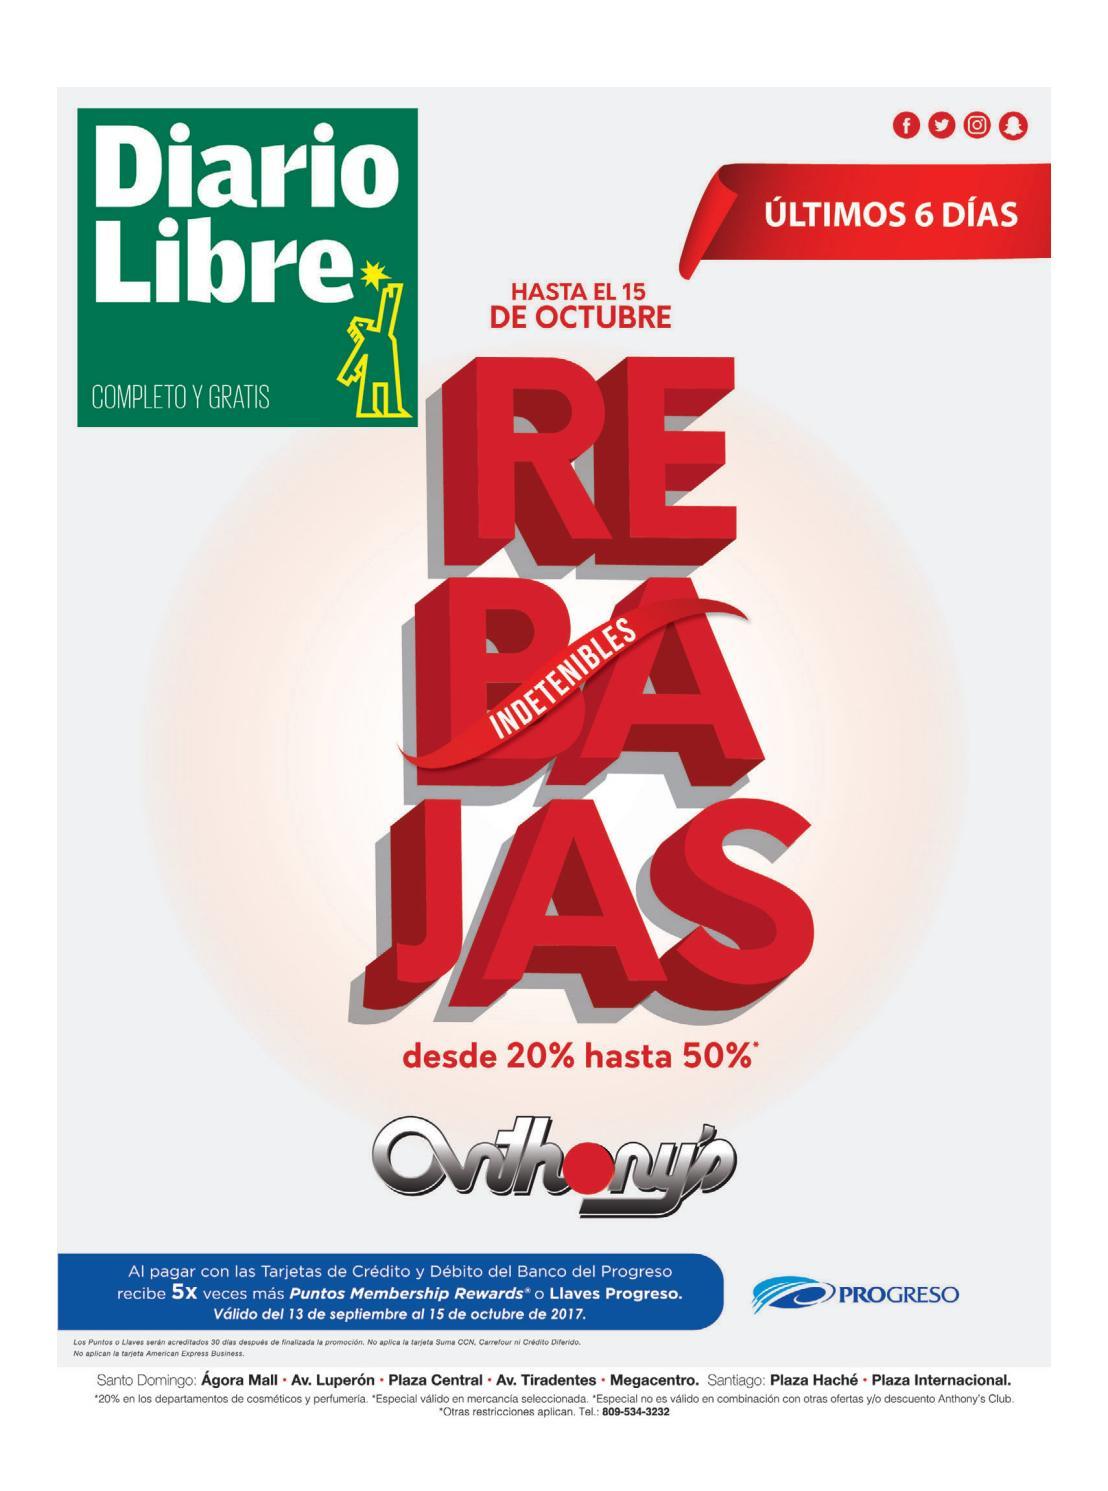 Diariolibre4996 by Grupo Diario Libre, S. A. - issuu